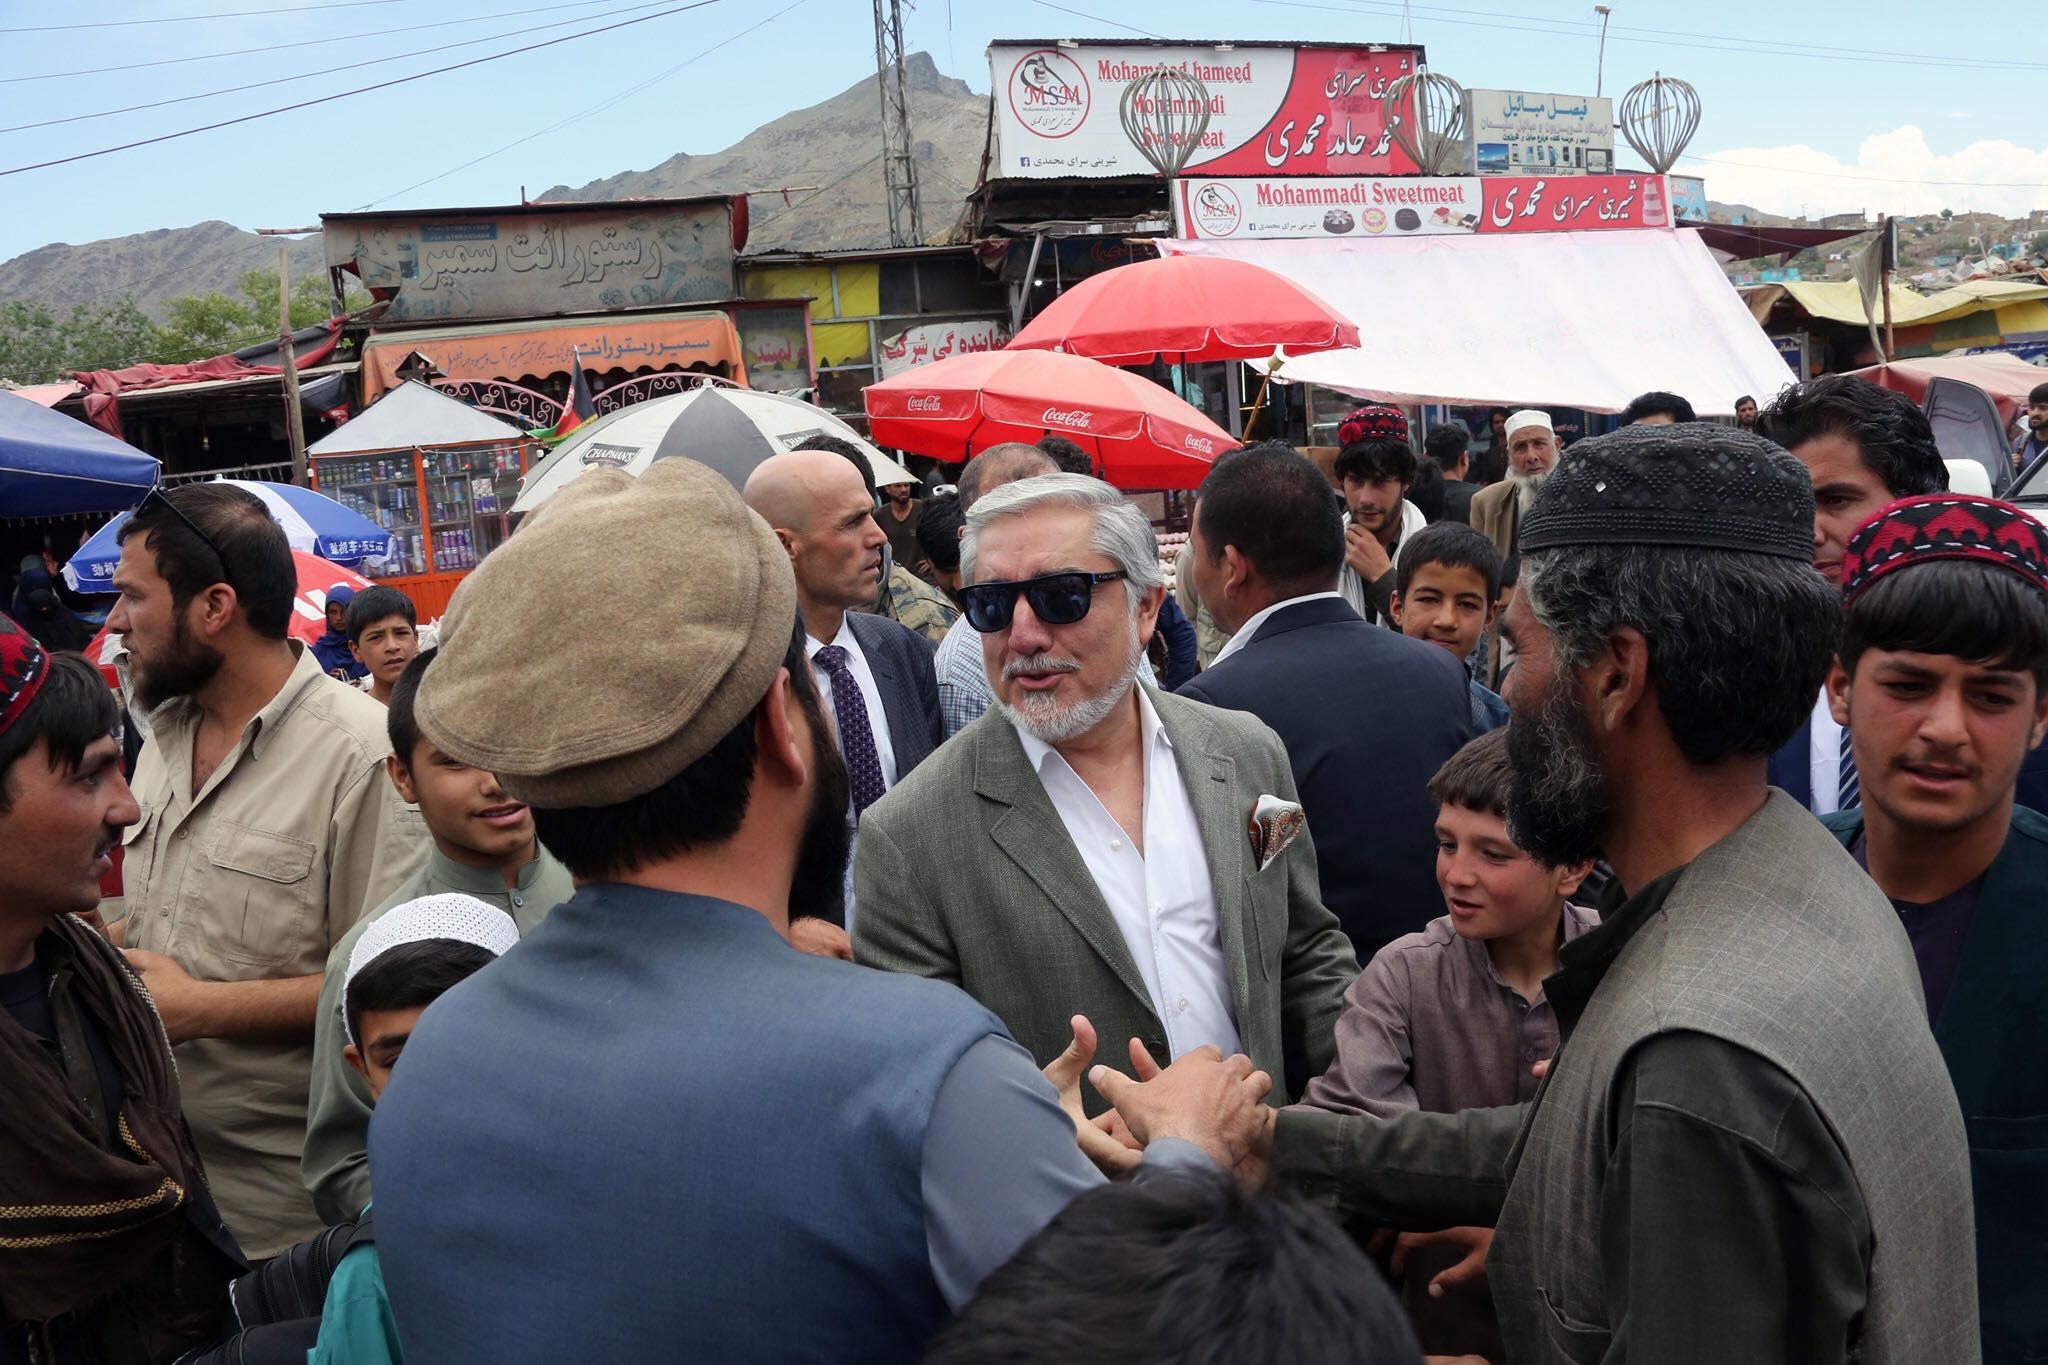 حضور داکتر عبدالله در بازار چهلستون + تصاویر